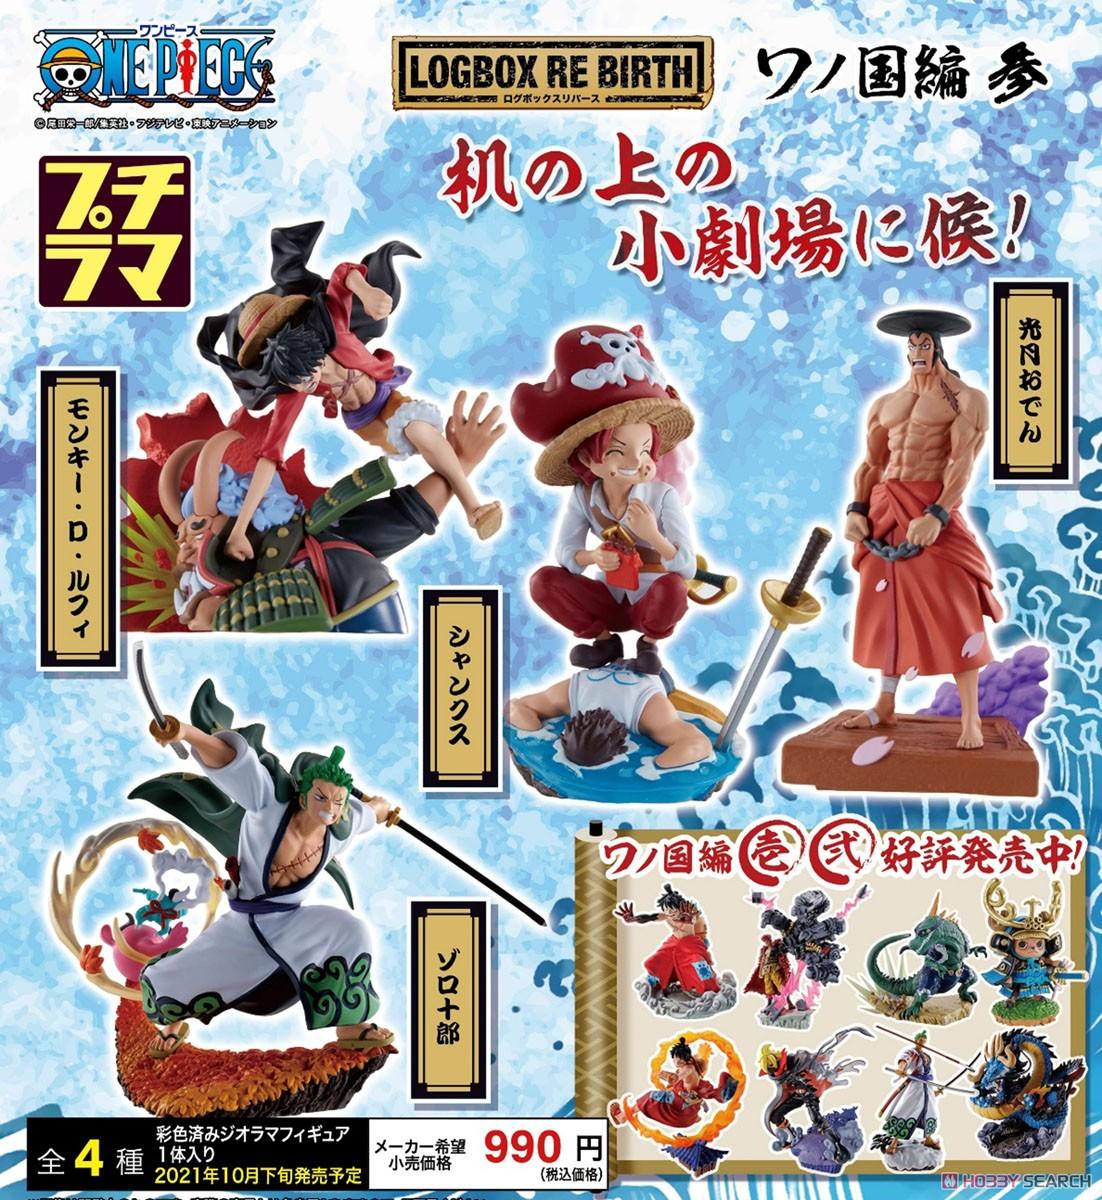 LOGBOX RE BIRTH『ワンピース ワノ国編 参』4個入りBOX-010